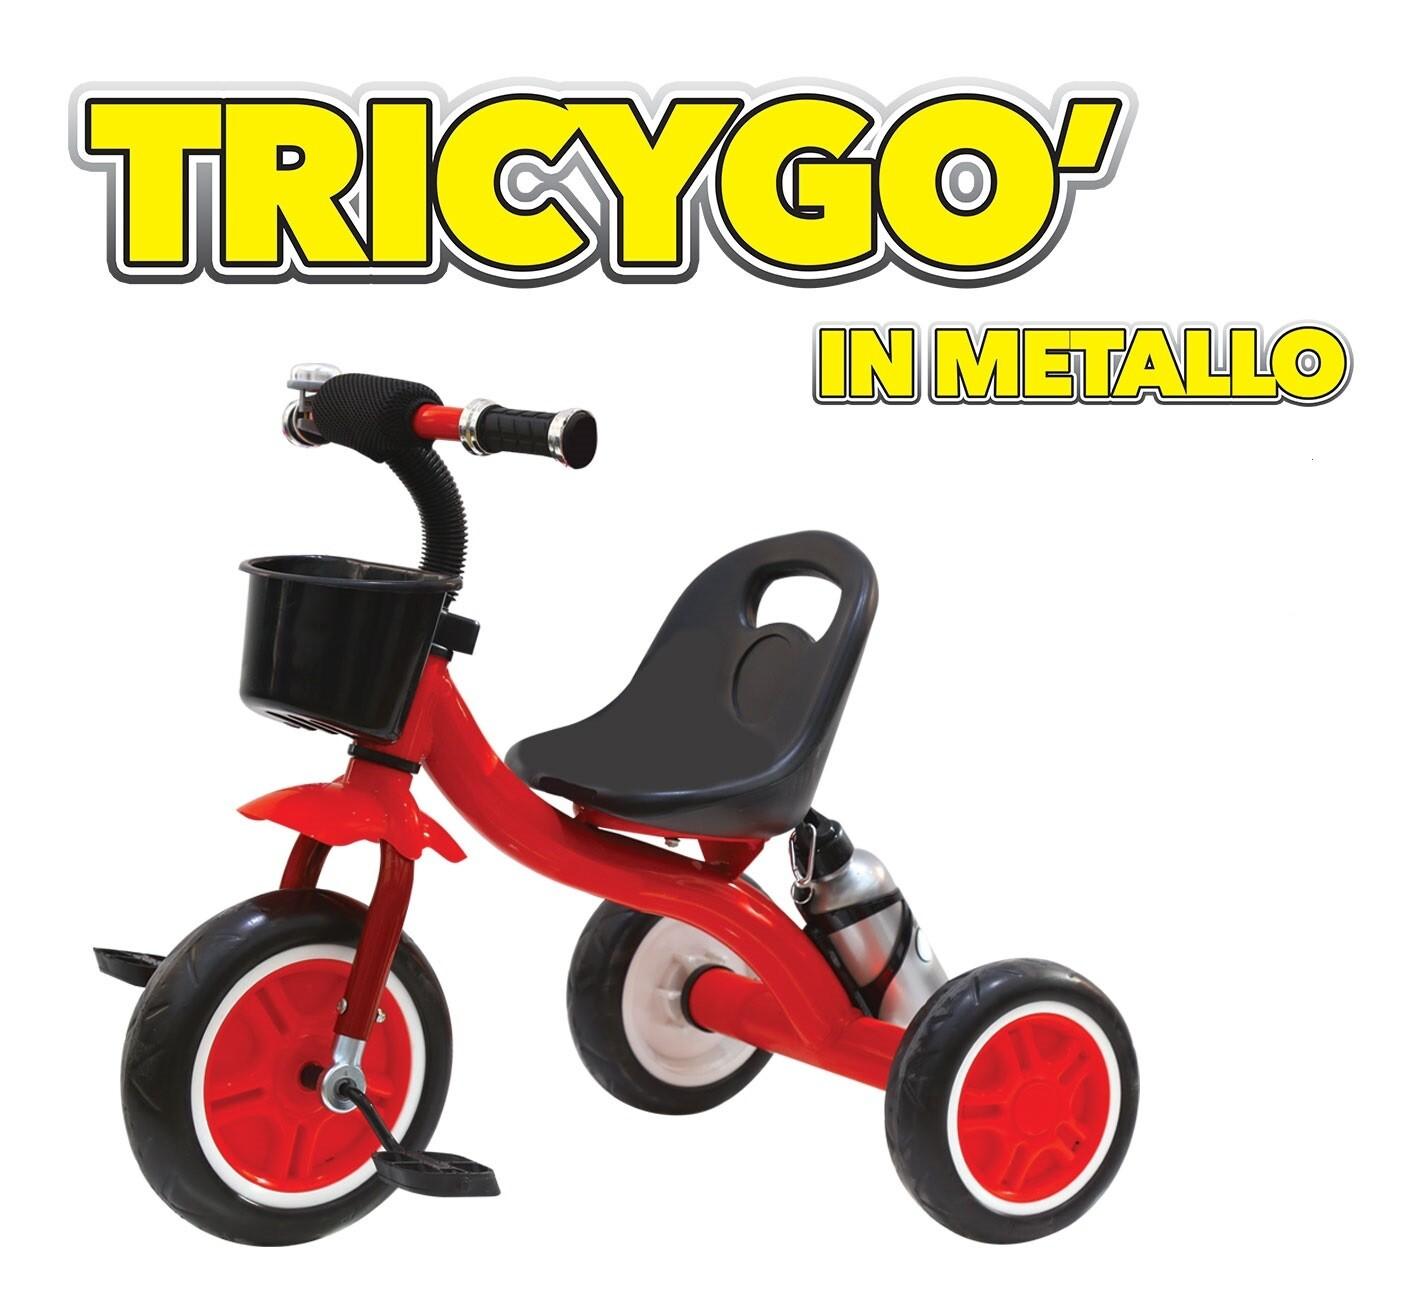 TRICICLO TricYgo' IN METALLO PER BAMBINI